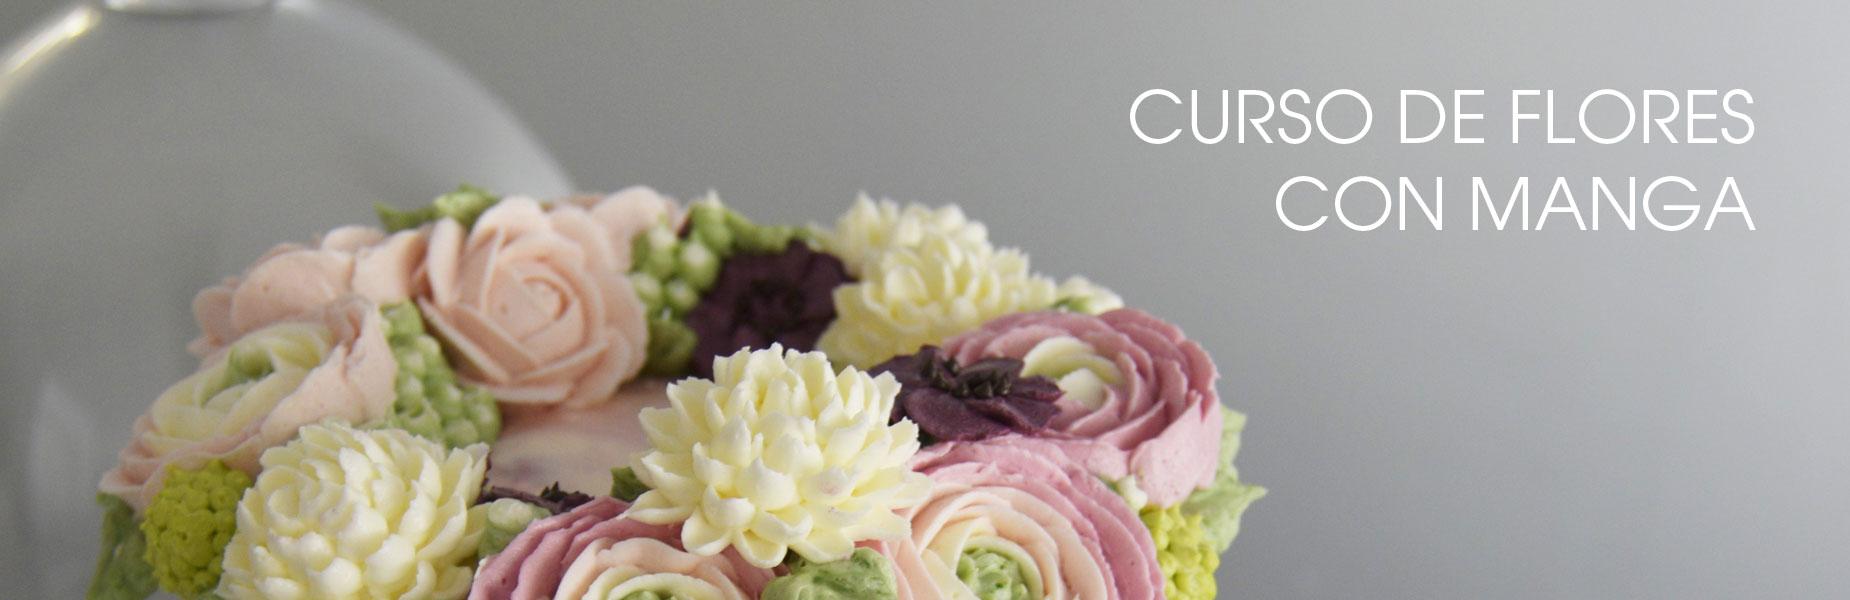 curso-de-flores-con-manga-rosa-maria-escribano